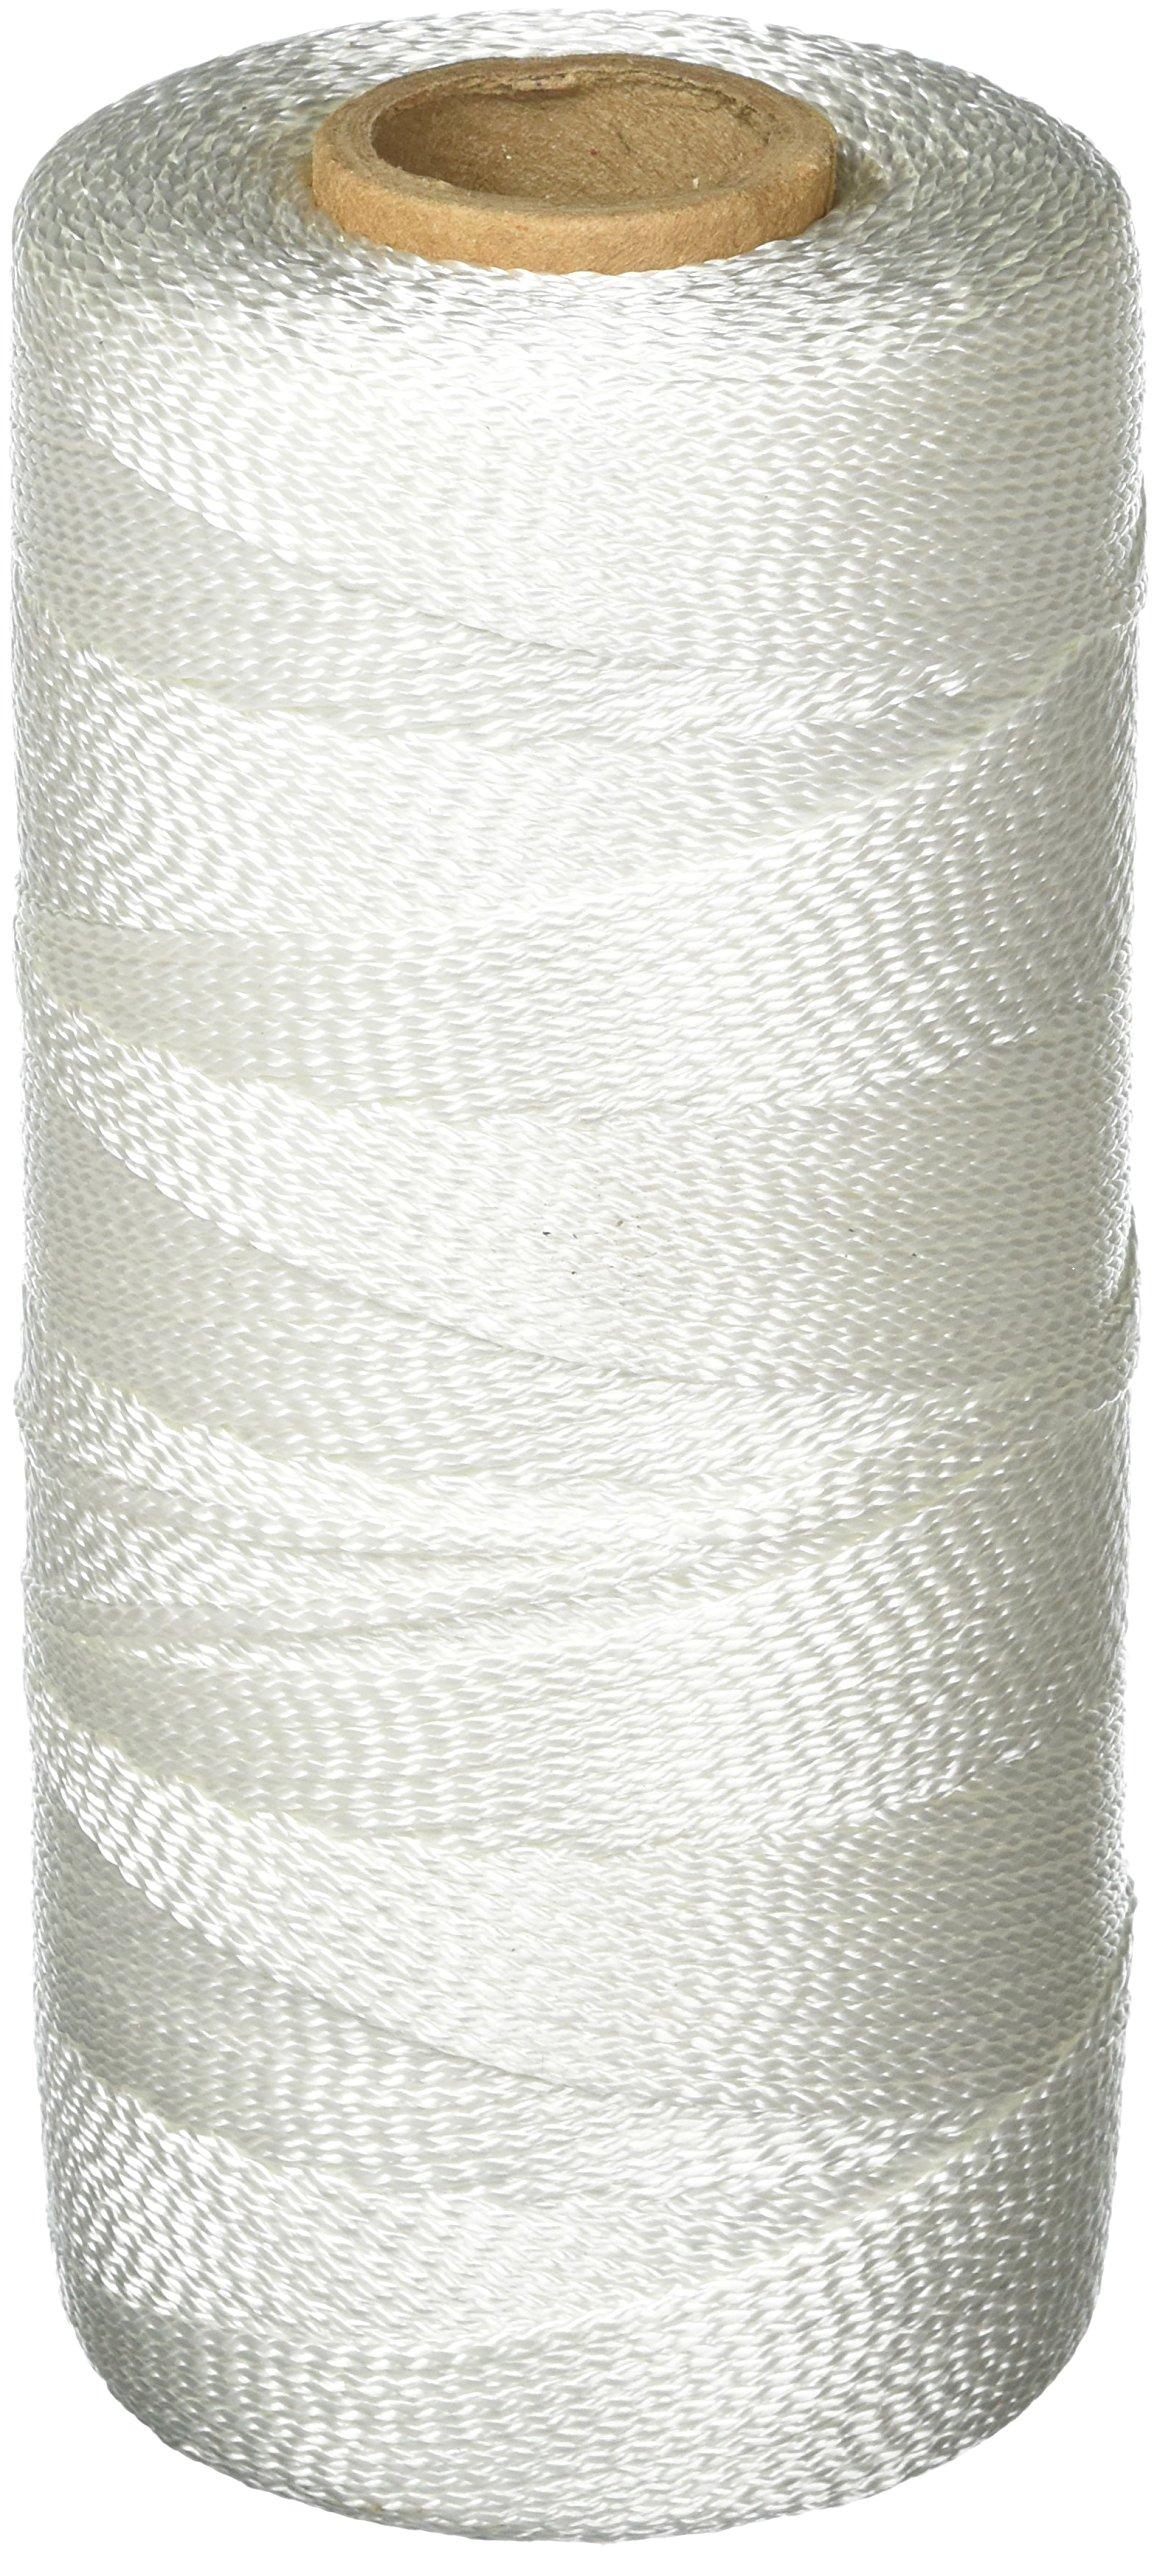 Keson WB1000 18 Gauge Braided Nylon Mason Twine, White, 1,000-Foot by Keson